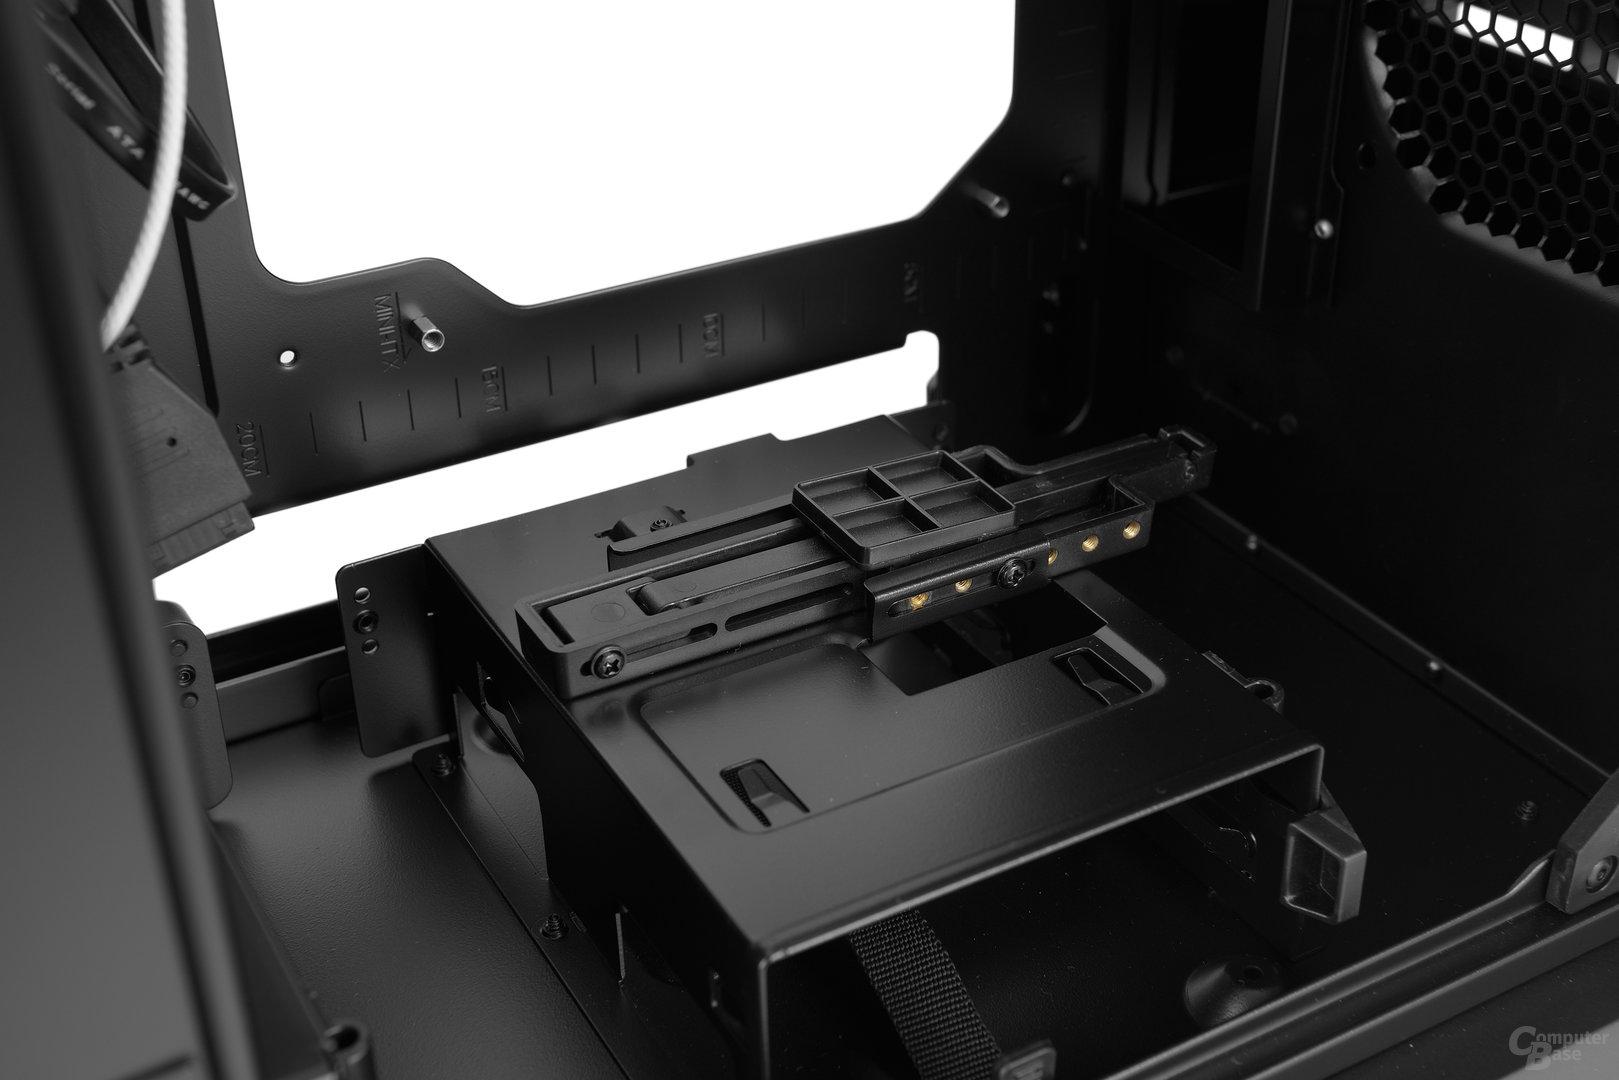 Silverstone Mammoth MM01 – CPU-Kühlerhalter